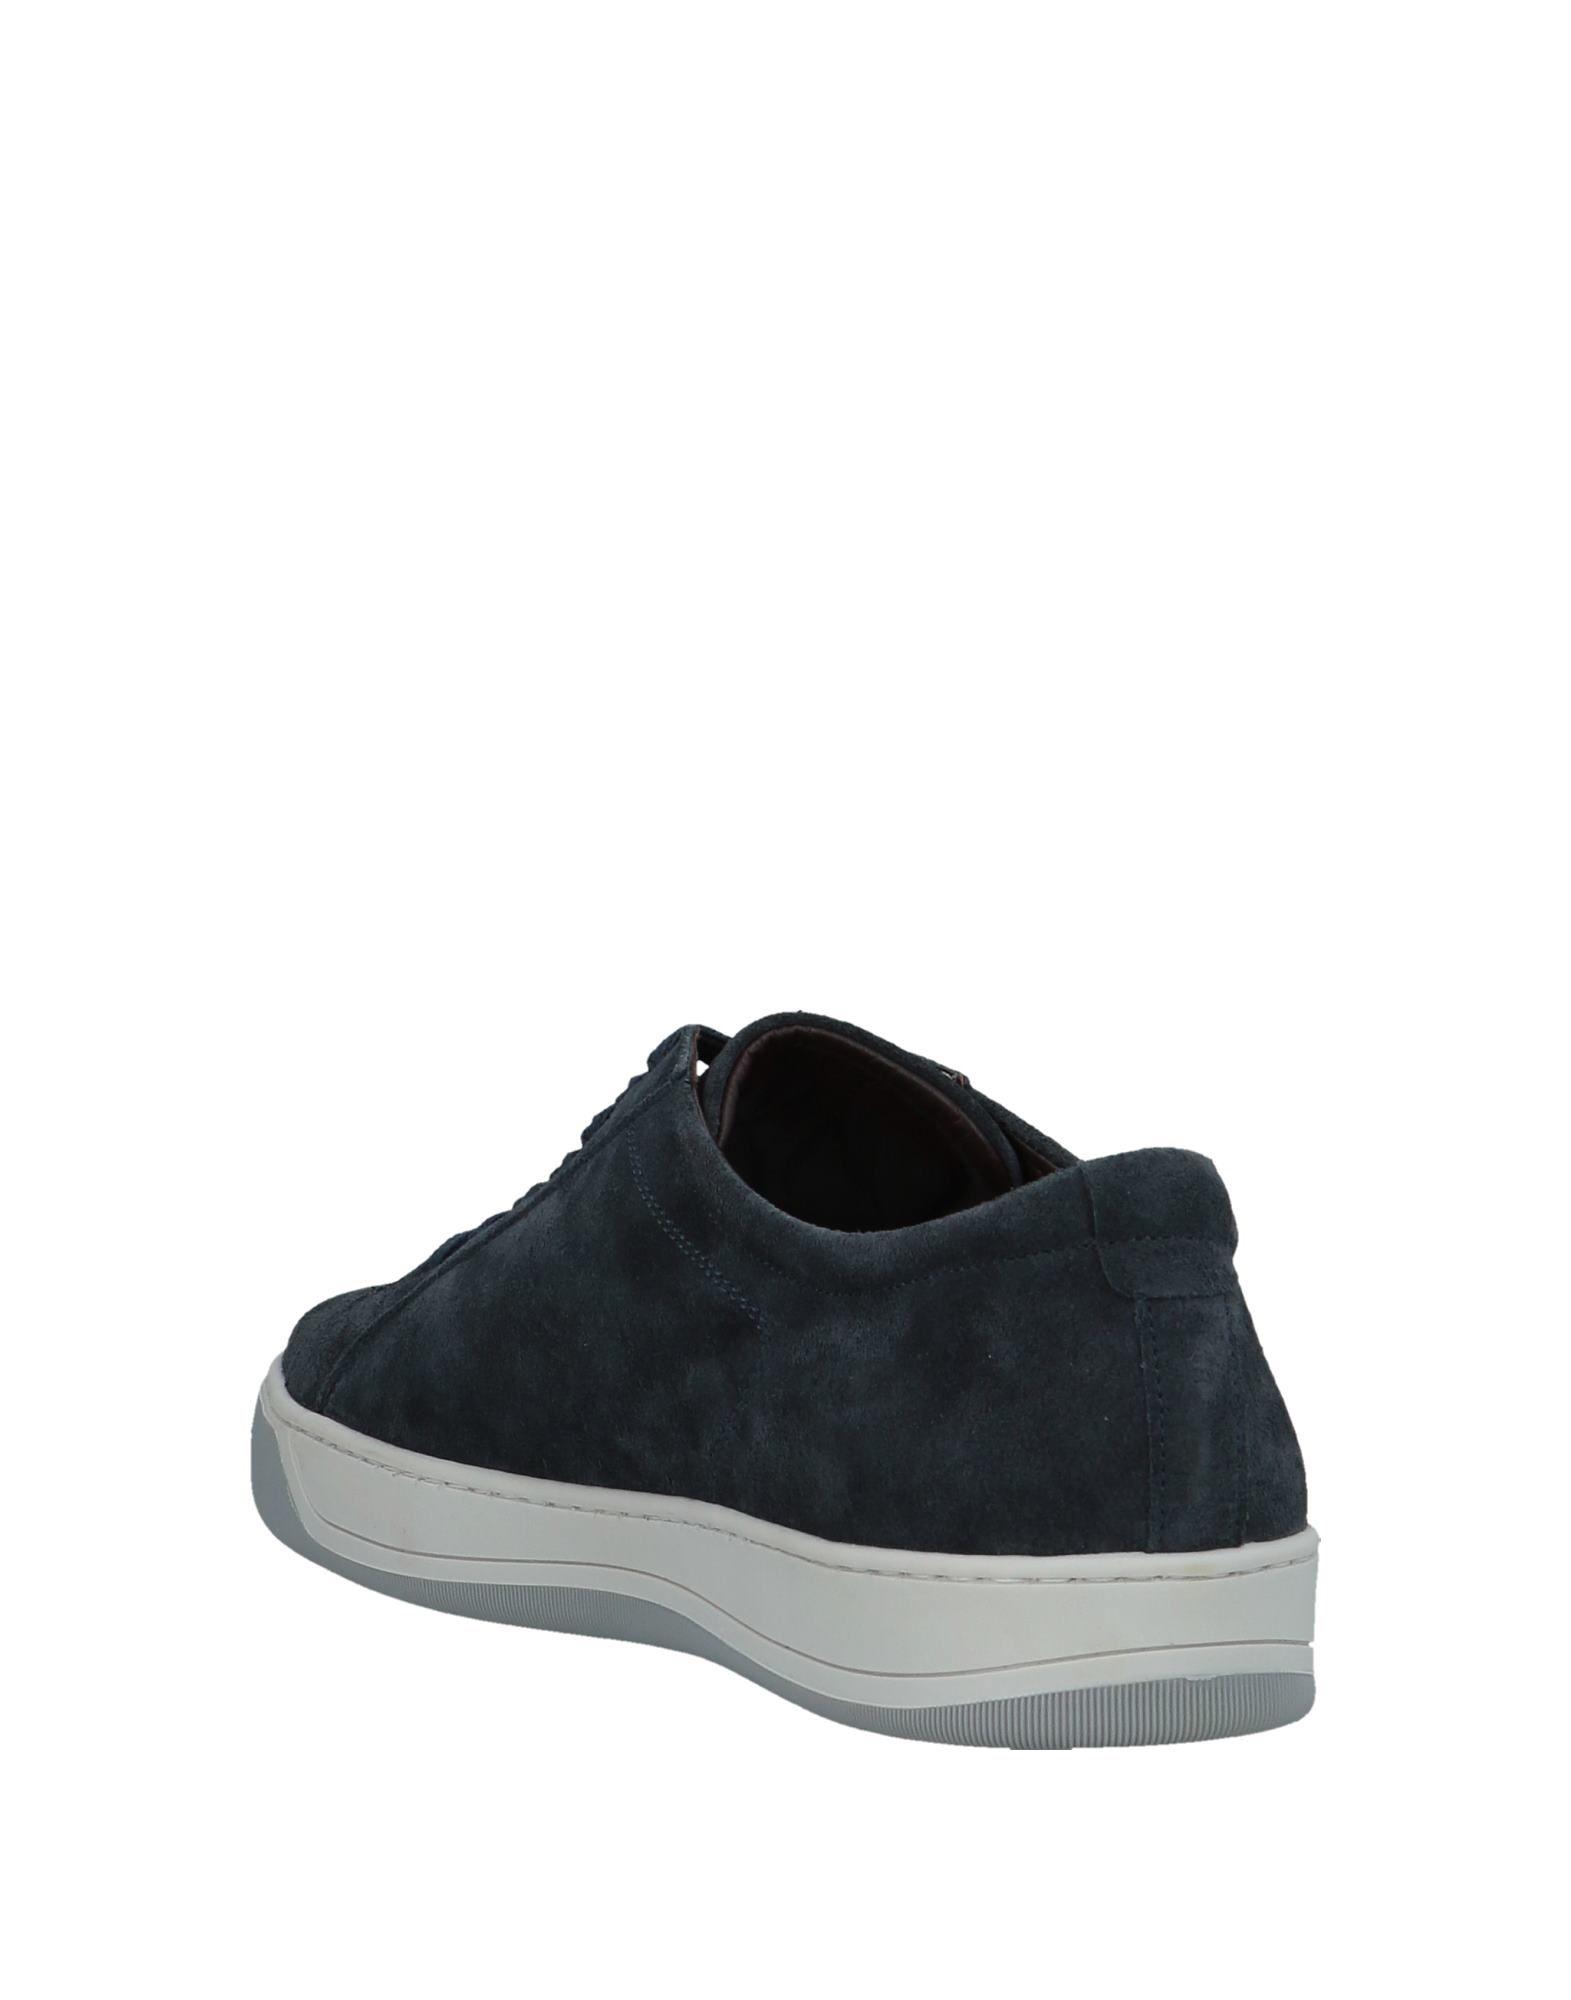 A.Testoni A.Testoni A.Testoni Sneakers Herren  11542486FM 3718e2